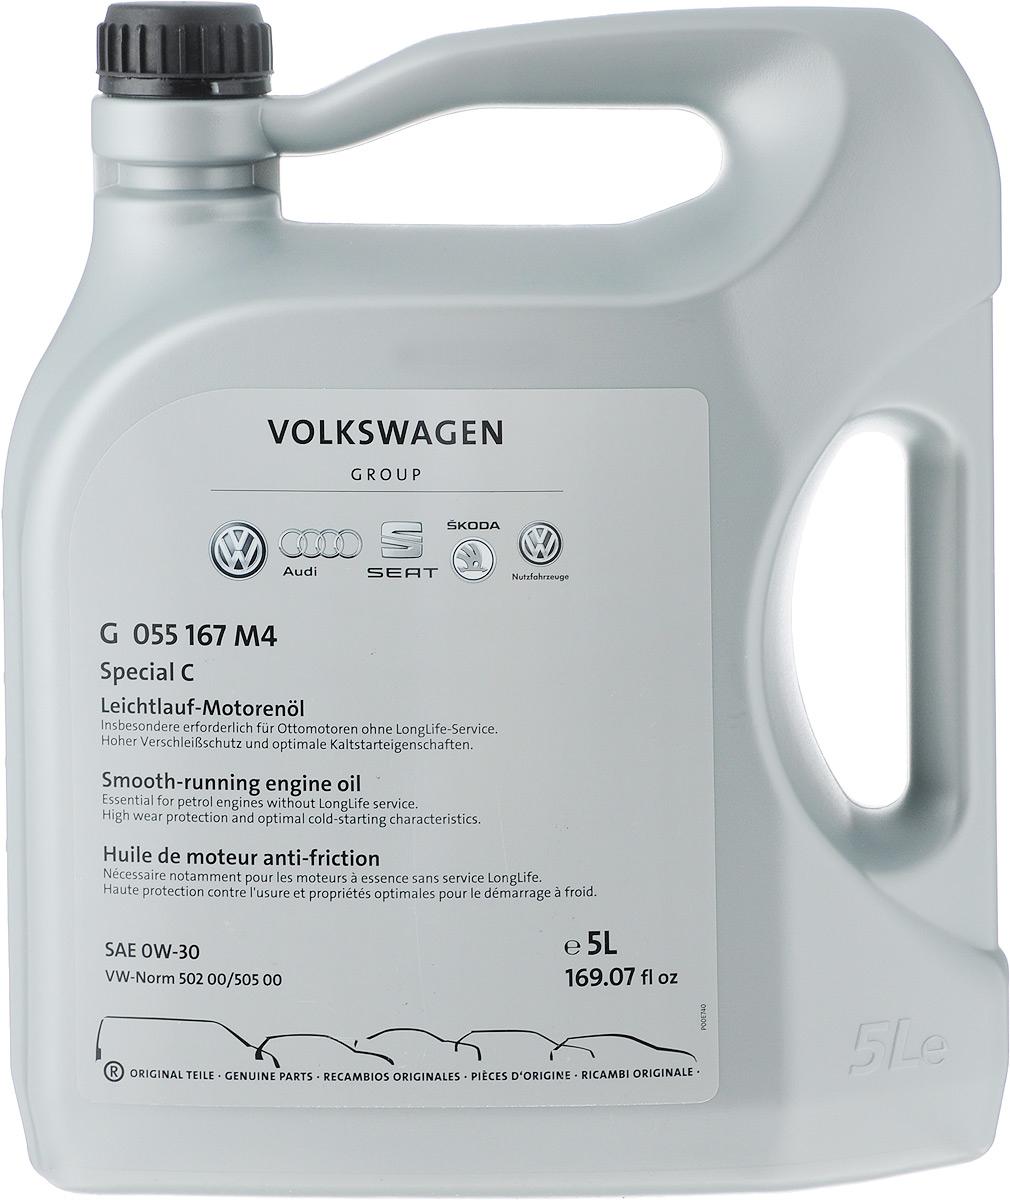 Моторное масло VAG Special C, класс вязкости 0W-30, 5 лS03301004Масло оригинальное VAG Special C 0W30 рекомендовано заводом Фольксваген с 2014 года для двигателей TSI объемом 1.8 и 2.0 л, в том числе вместо LongLife 3 VW 504/507. Межсервисный интервал замены не более 10000 км, в отличие от масла G052195M4 ( интервал замены 15000 км). Обеспечивает низкотемпературный пуск двигателя при температурах до минус 40 градусов, повышенную стойкость к шлакообразованию и загрязнению, значительно меньше угорает в процессе эксплуатации из-за уменьшения испаряемости. Допуски OEM: VW 505 00; VW 502 00.Товар сертифицирован.